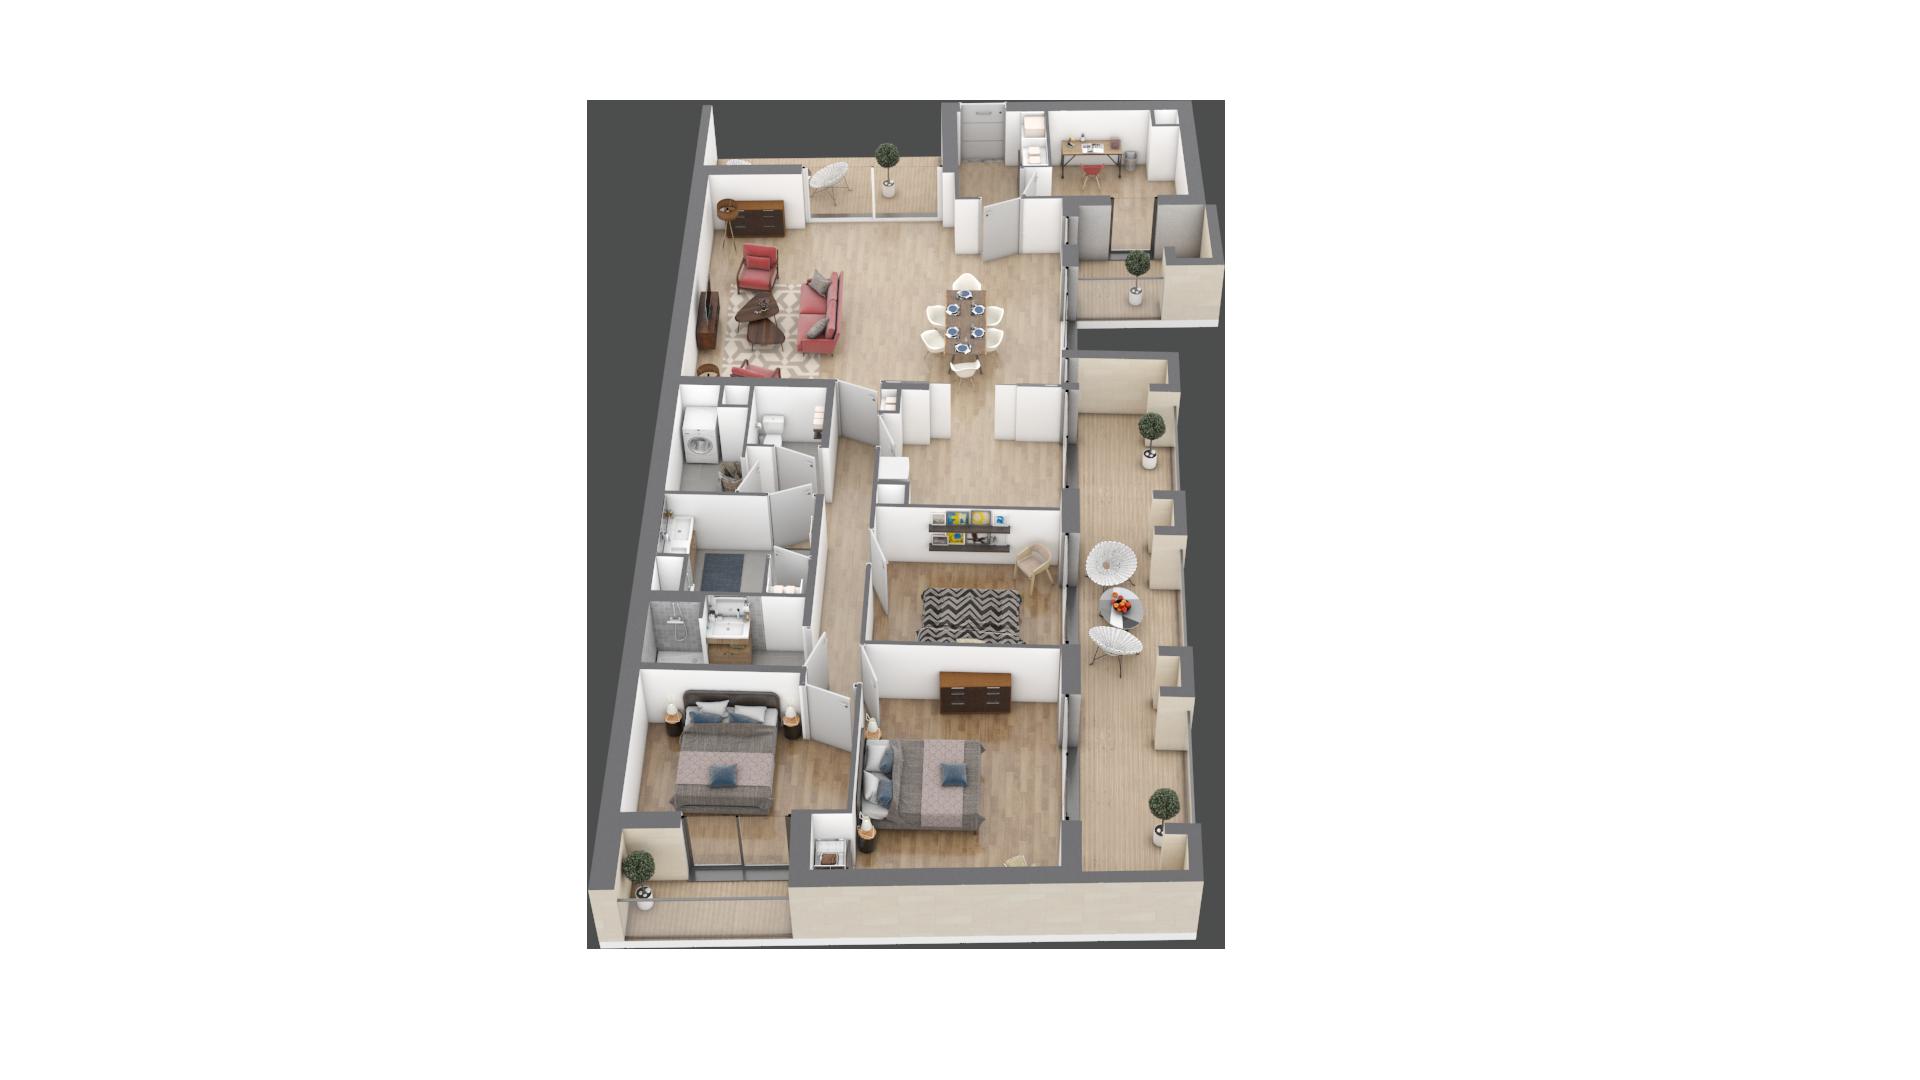 appartement A301 de type T5